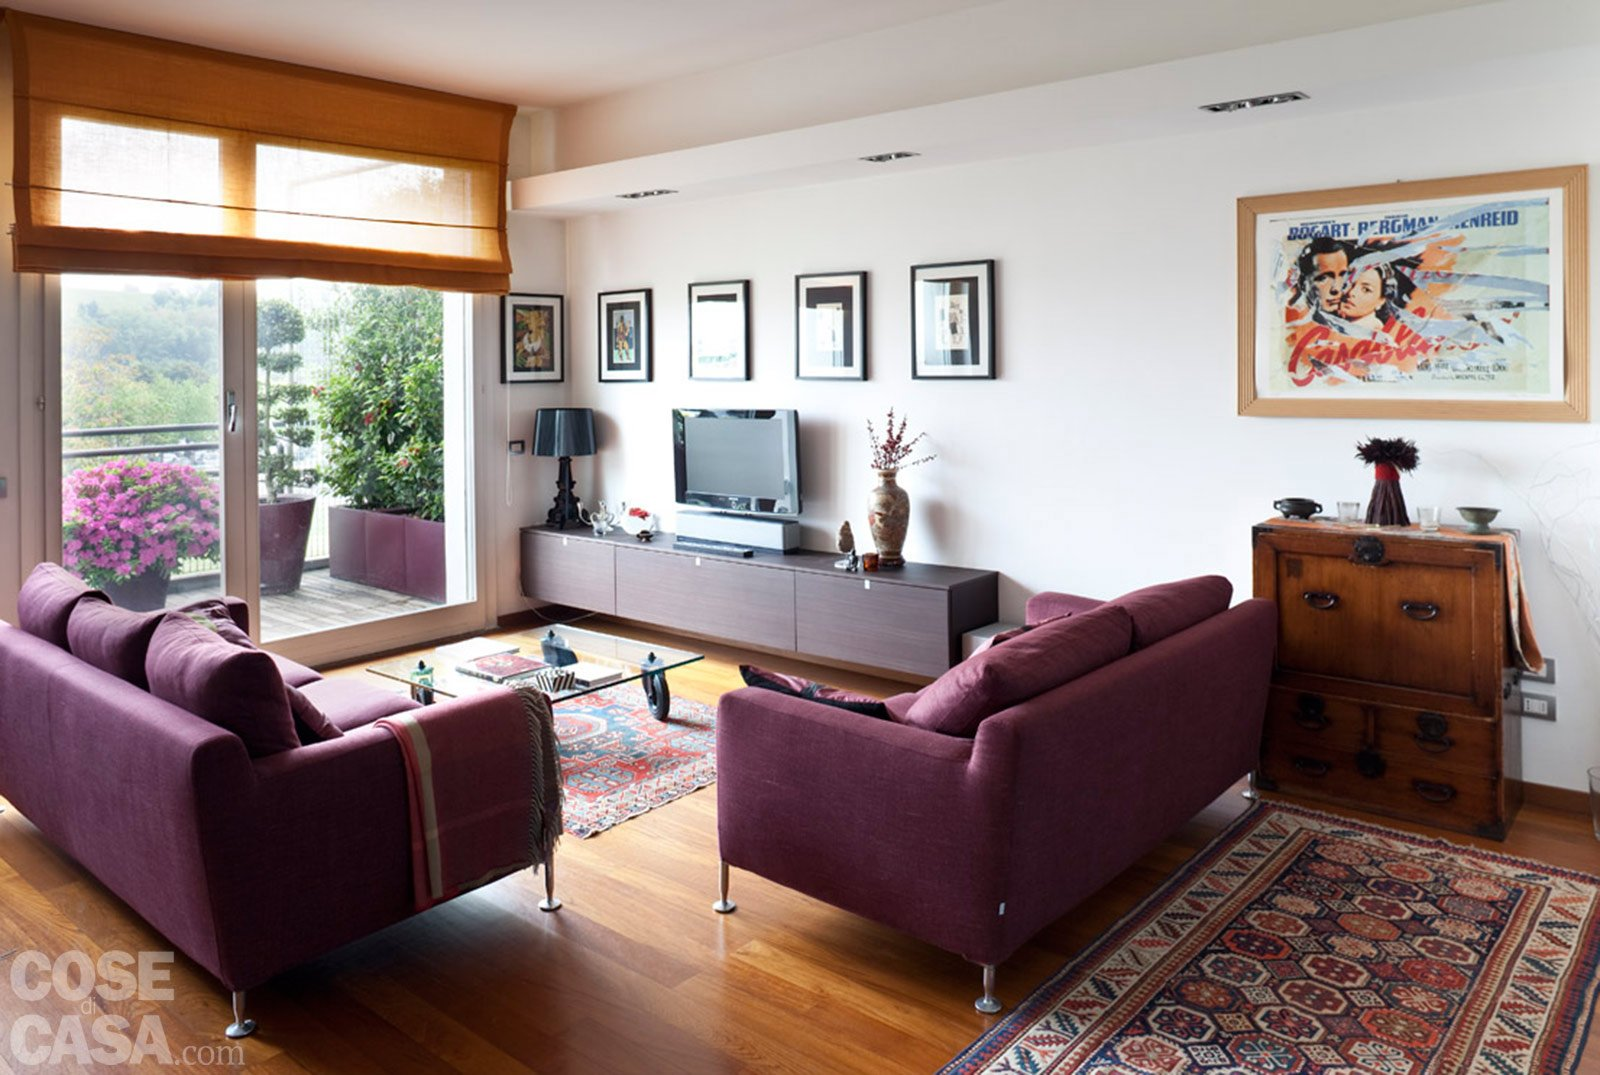 Una casa rinnovata nel look con luce moltiplicata cose for Immagini di casa